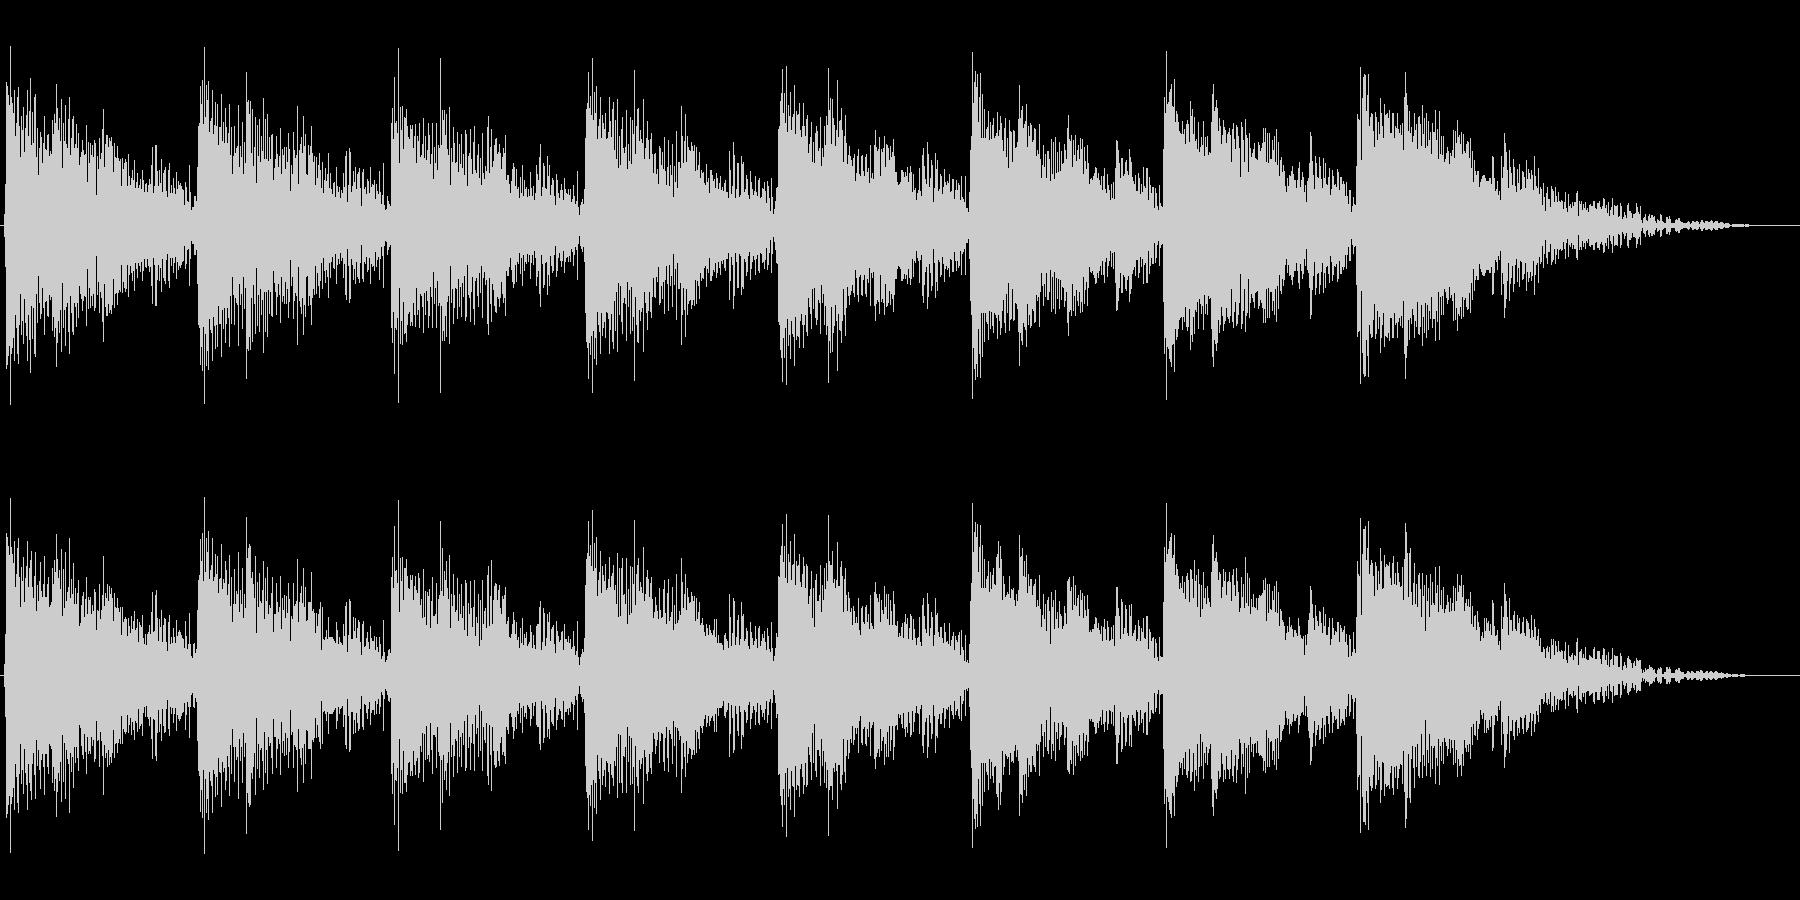 パワー系機器の運転音をイメージさせる音の未再生の波形